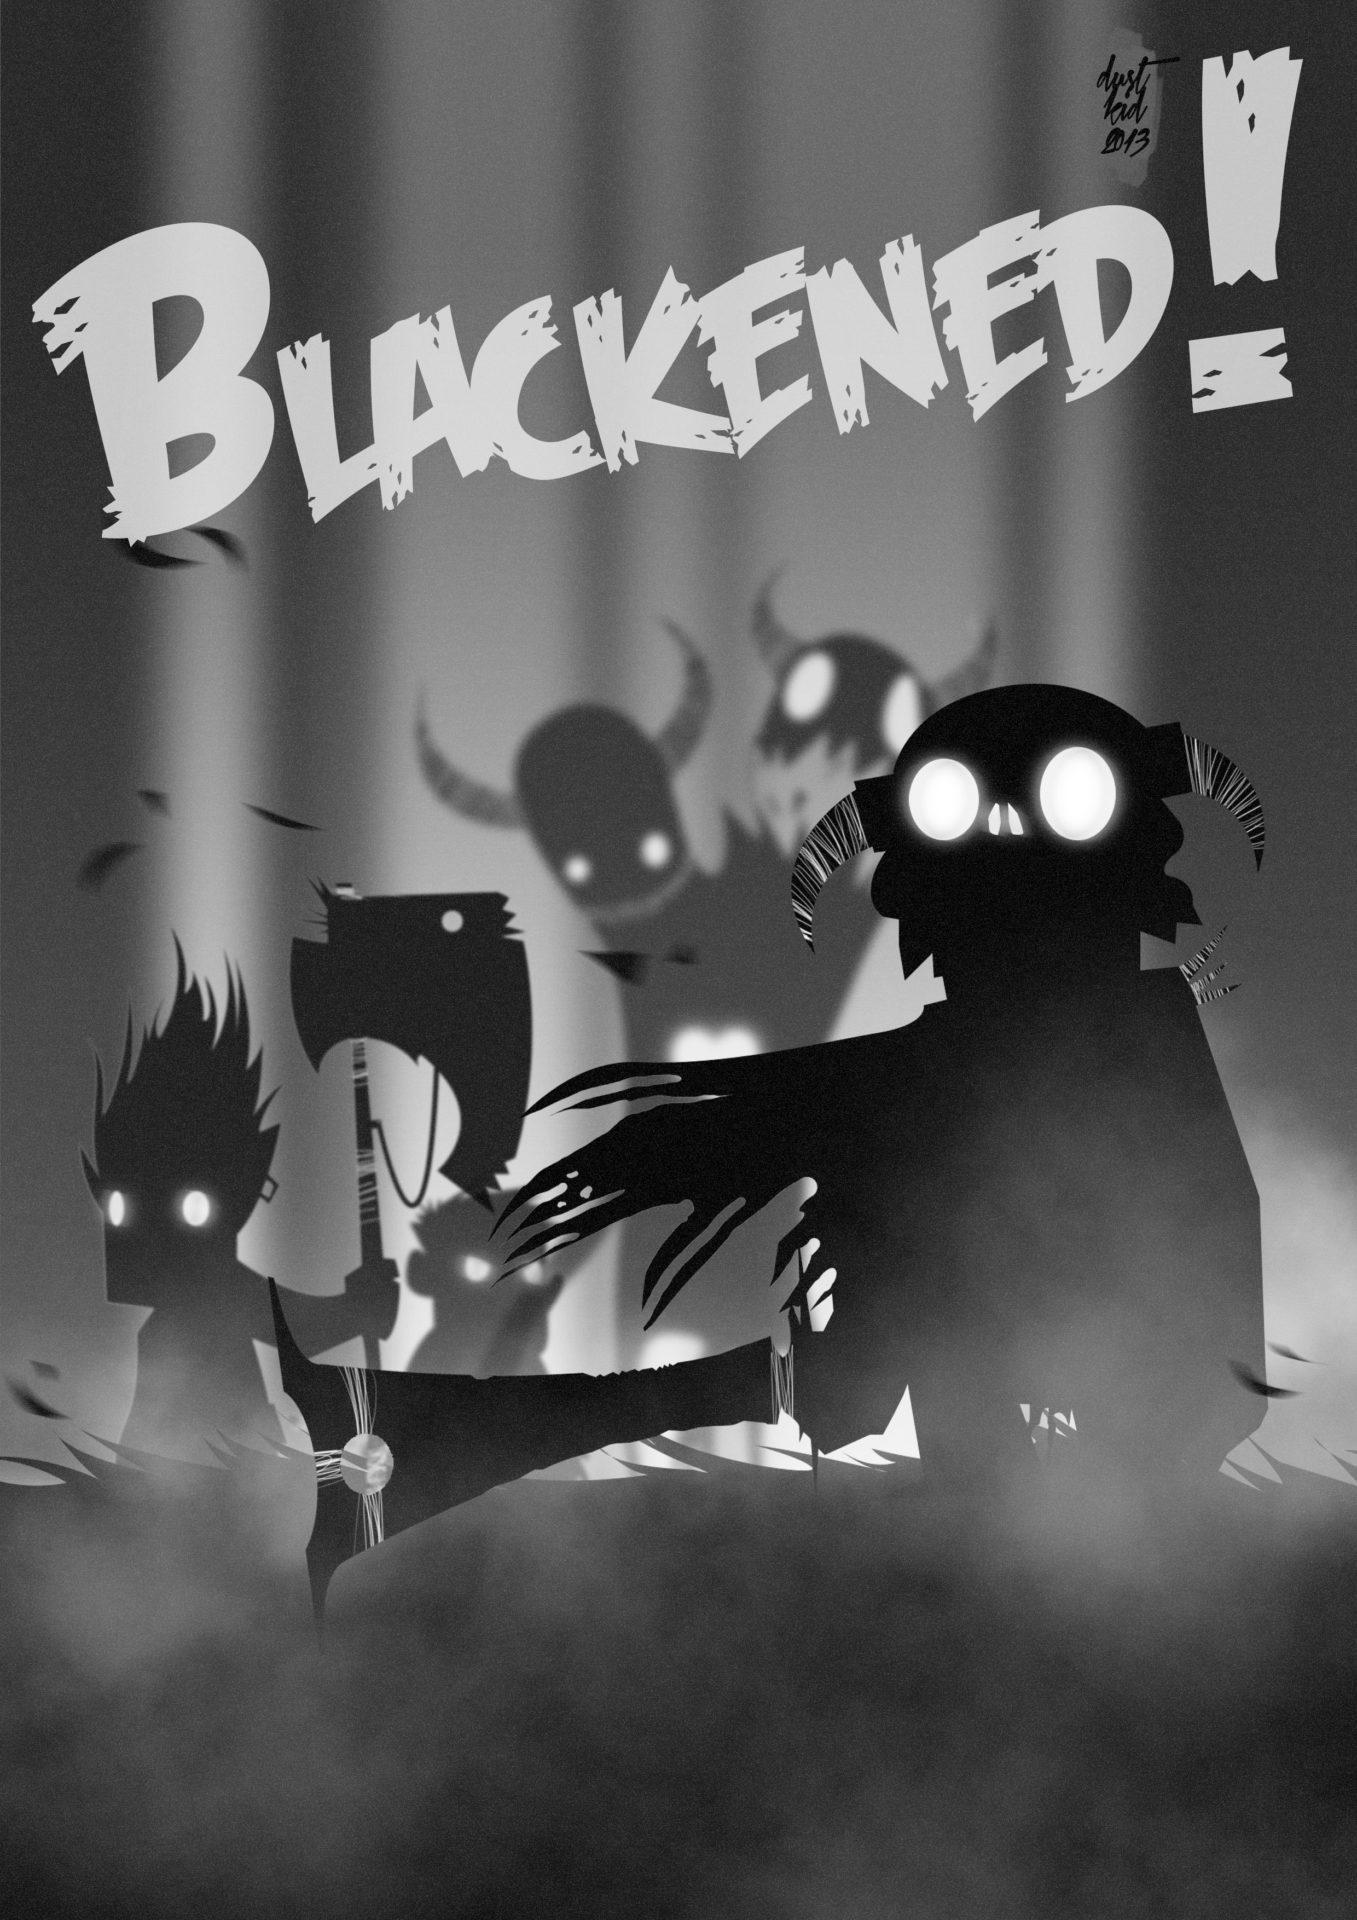 blackened3